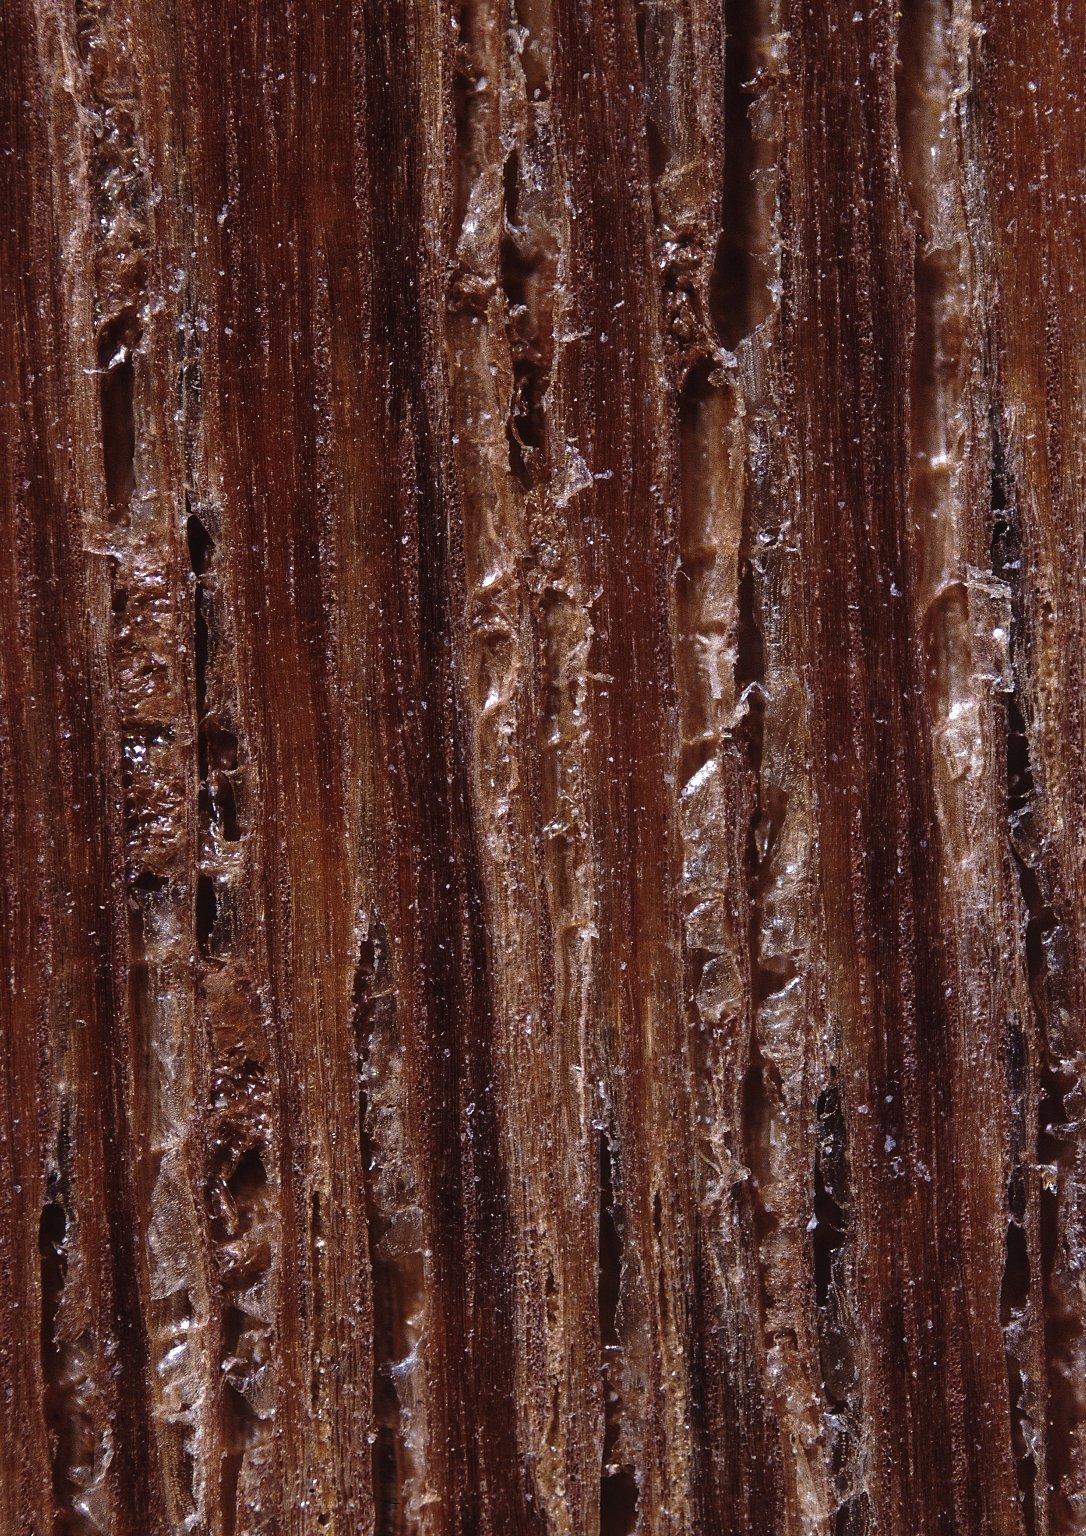 DIPTEROCARPACEAE Dipterocarpus alatus